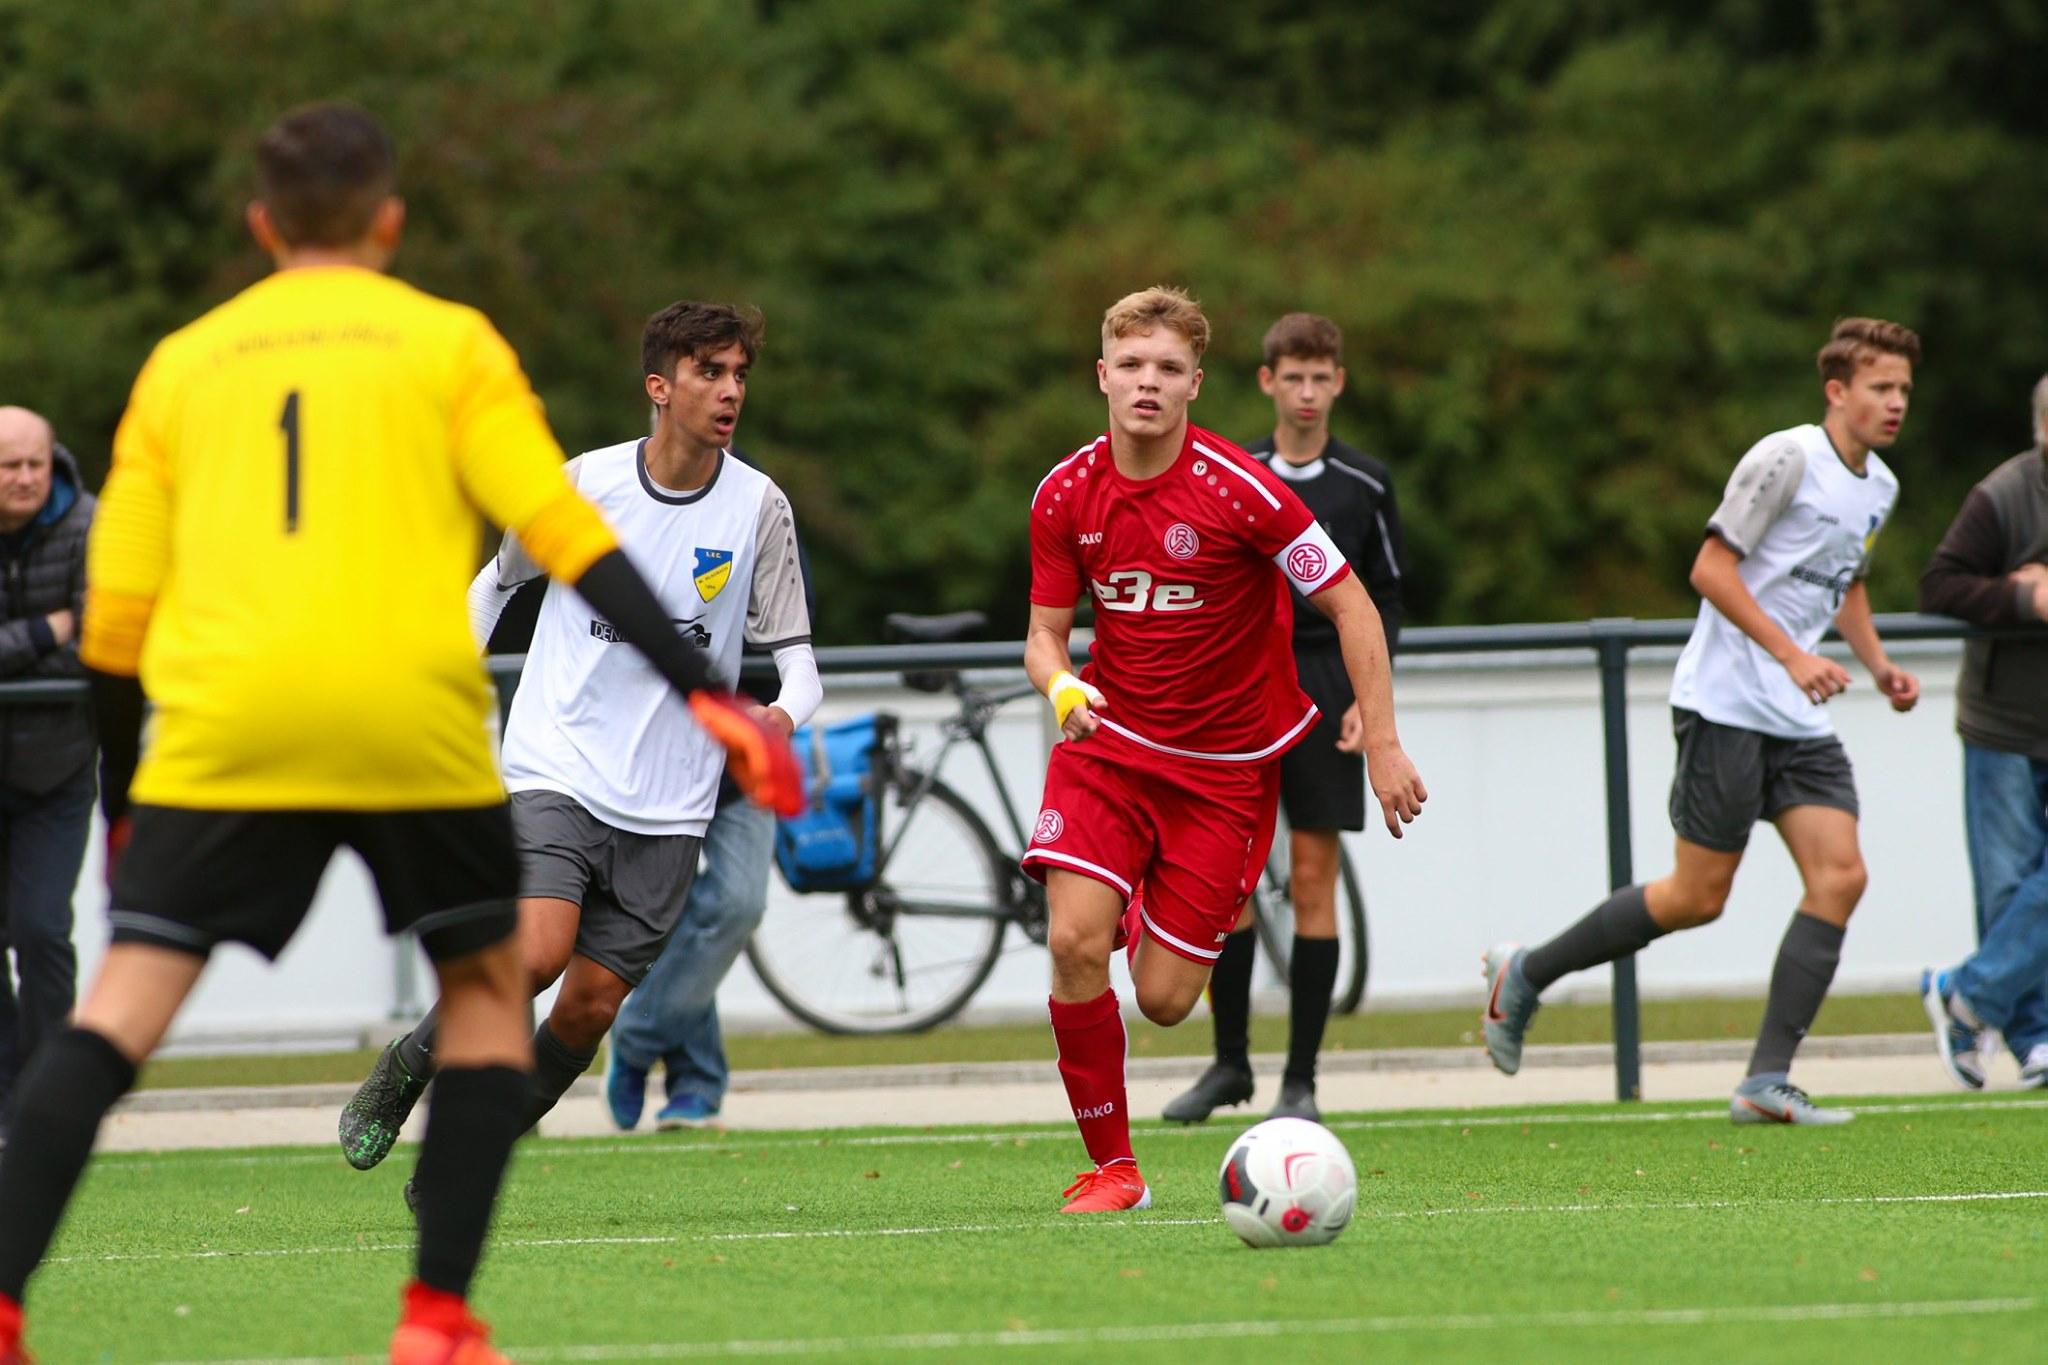 Topspiel für die U17. Am Sonntag ist der Gegner die U16 von Borussia Mönchengladbach. (Foto:Breilmannswiese)